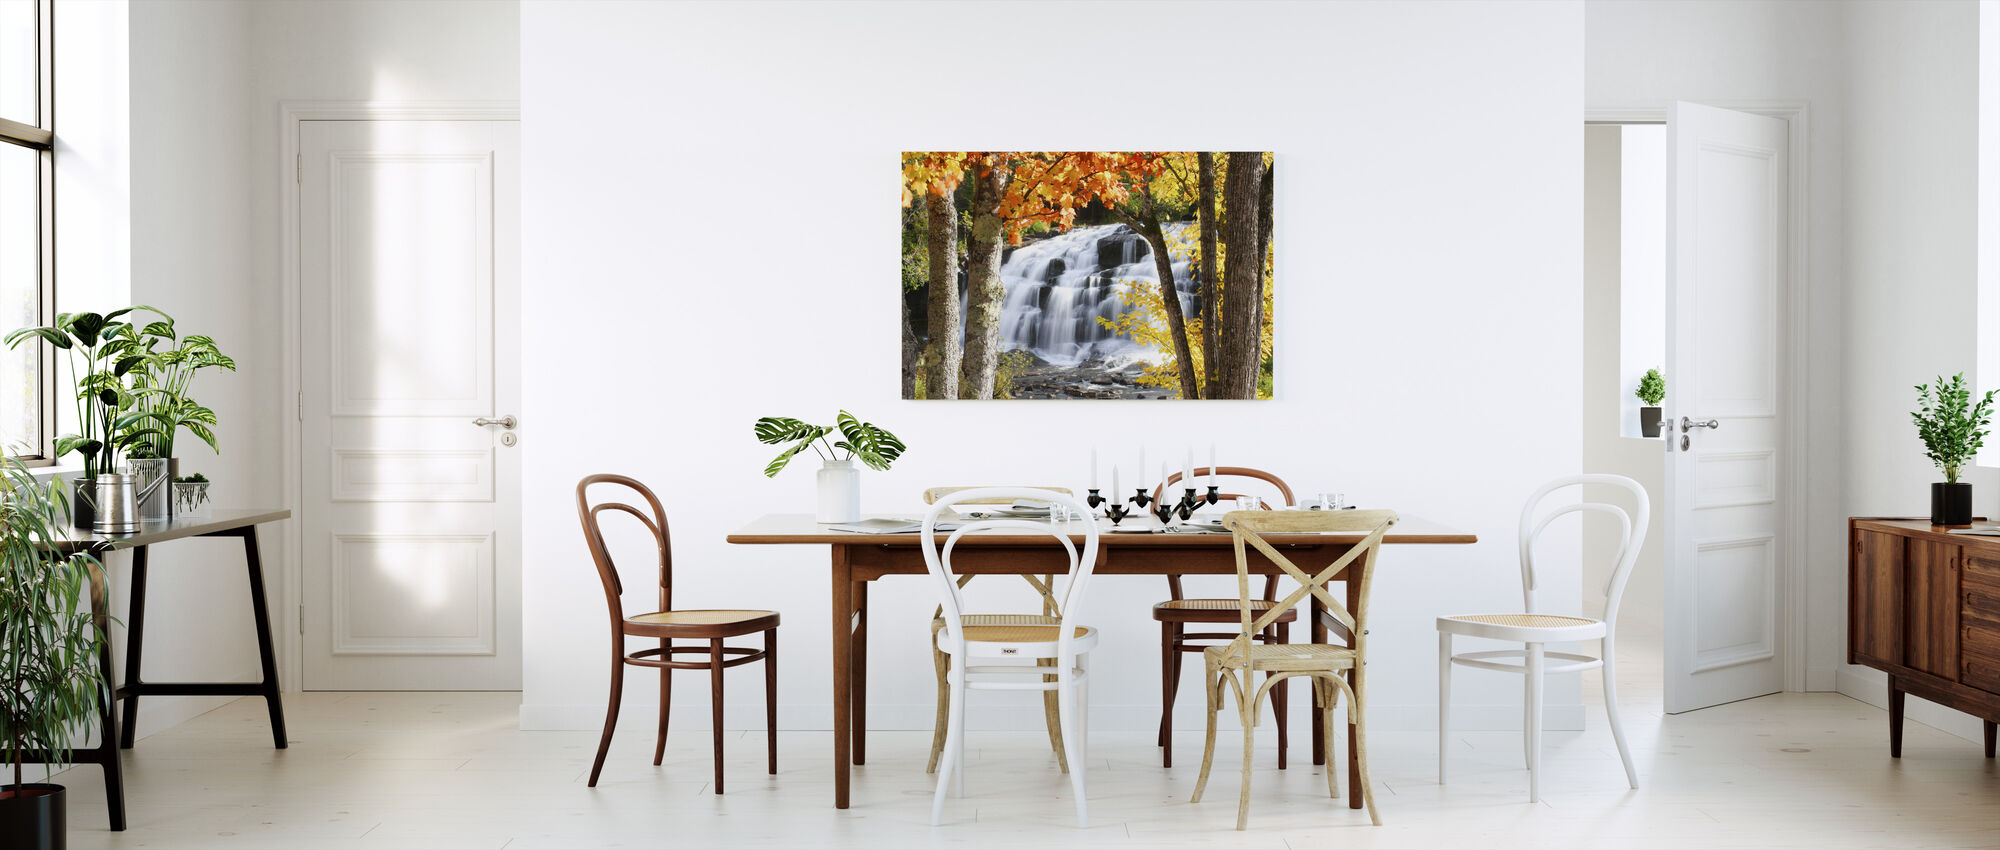 Bond Falls klædt i efteråret farver - Billede på lærred - Køkken